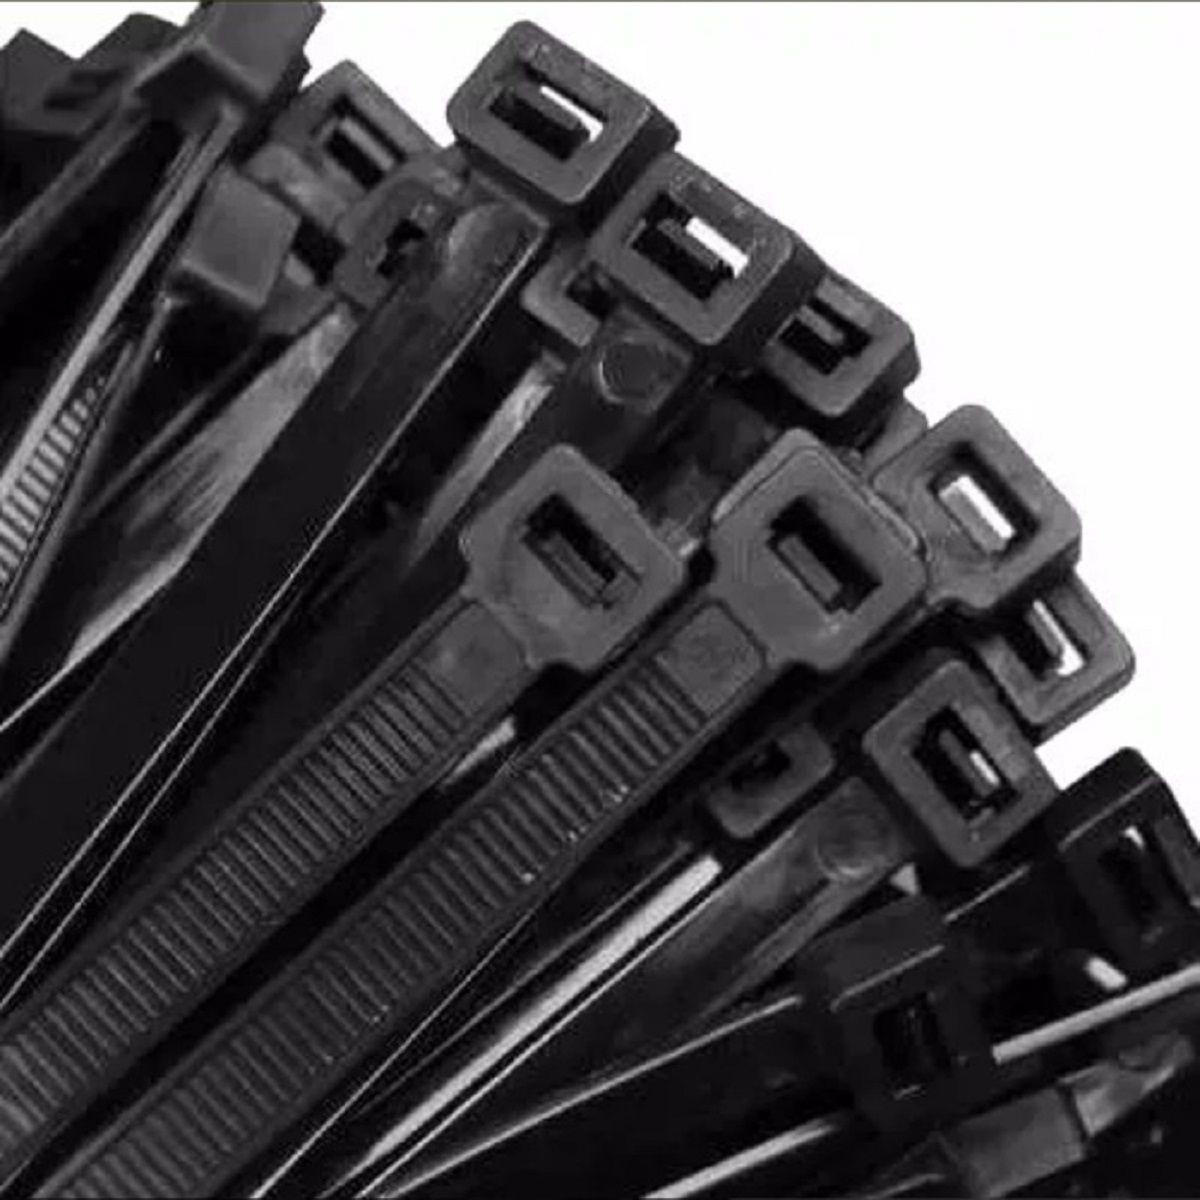 Abraçadeira Nylon Preta 100 Unidades 4,9 X 280 mm  - Rea Comércio - Sua Loja Completa!